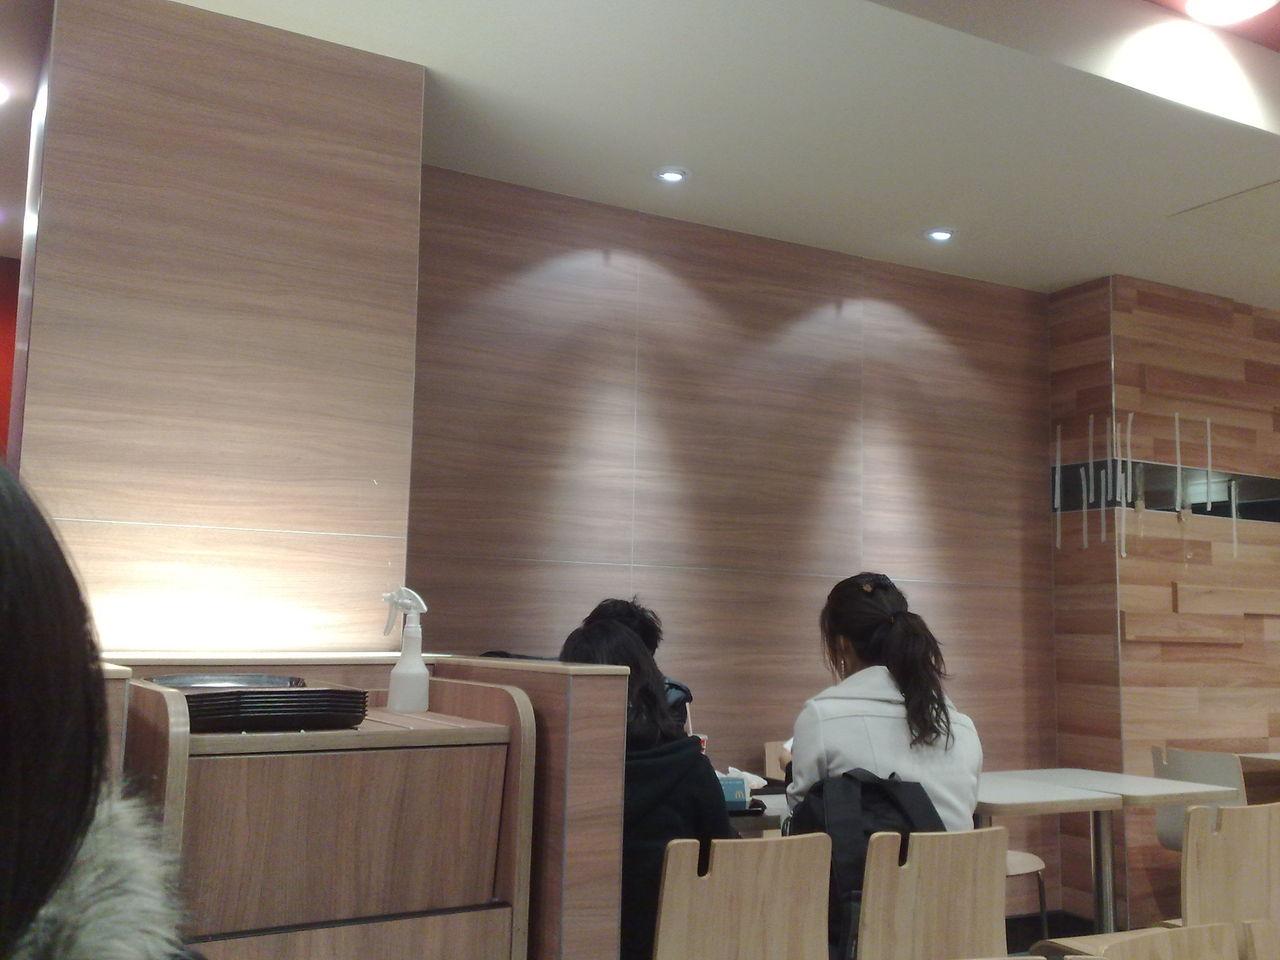 快餐店墙面装修_麦当劳那种木纹墙面是什么材料?_百度知道